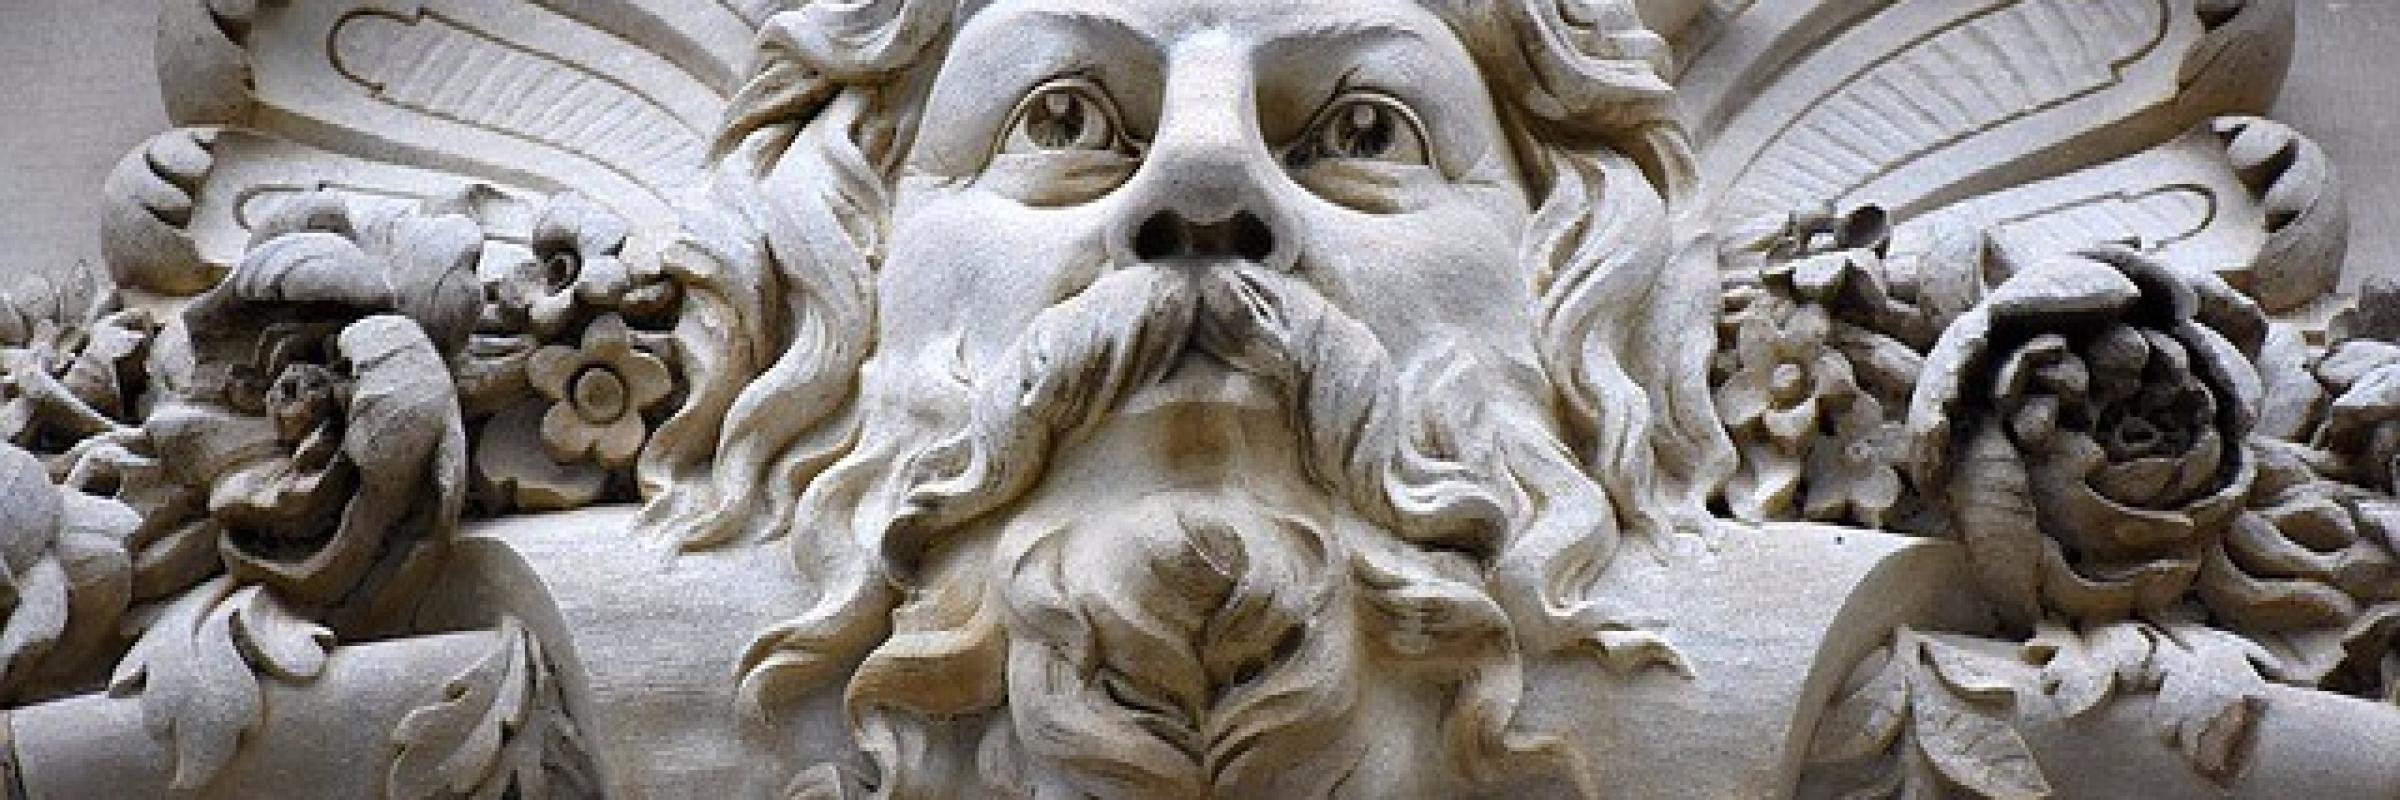 greek-god-1165599_640